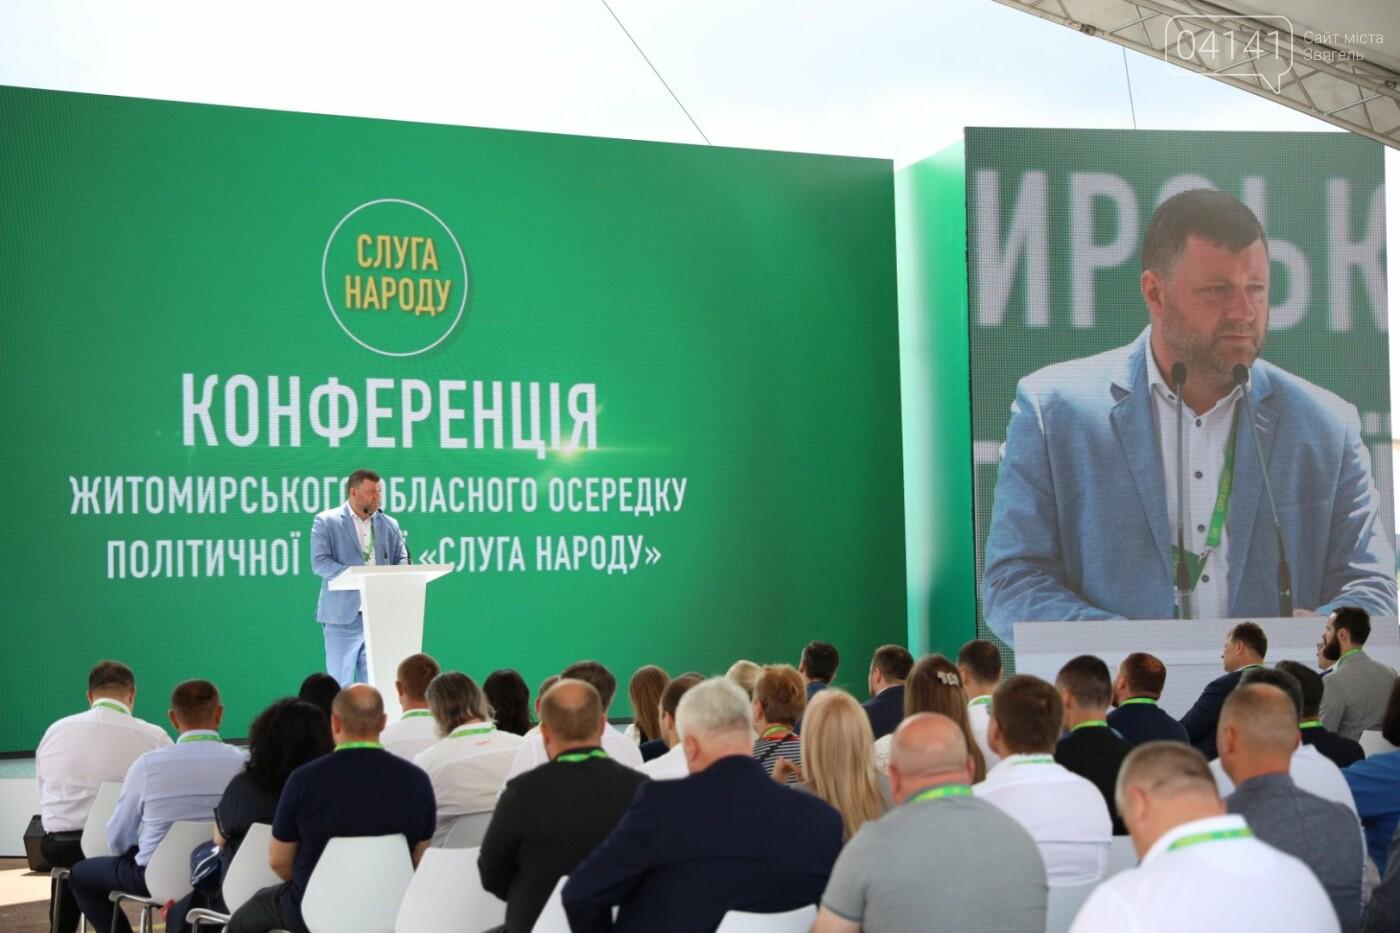 Арсеній Пушкаренко: Пріоритет команди «Слуга Народу» – створення нової якісної інфраструктури в країні, фото-2